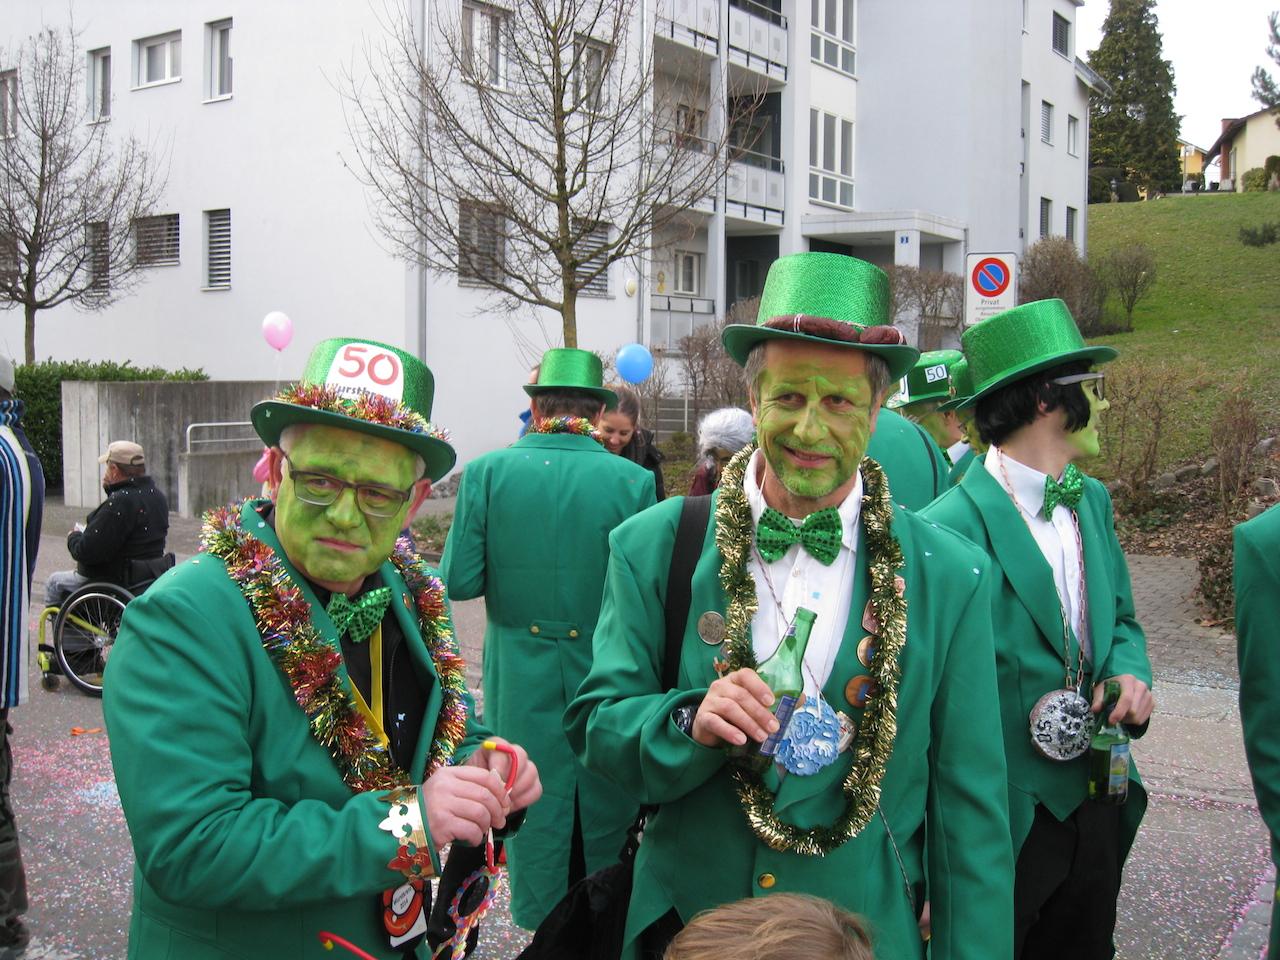 2014-02-27-Fasnacht-50-Jahre-Wurstkranz-032